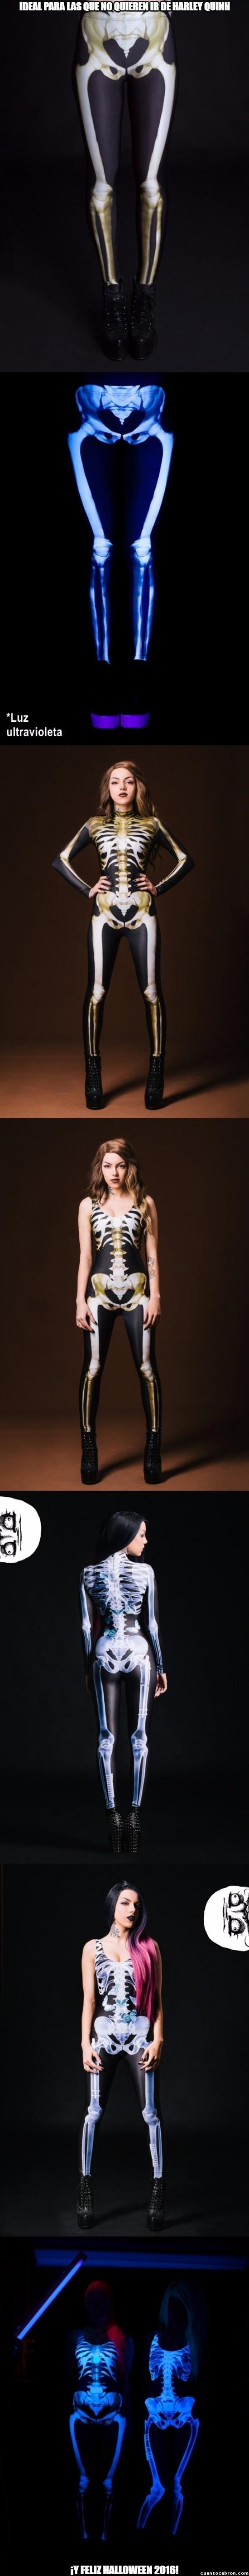 Meme_otros - ¿De esqueleto? No, ¡de colirio!